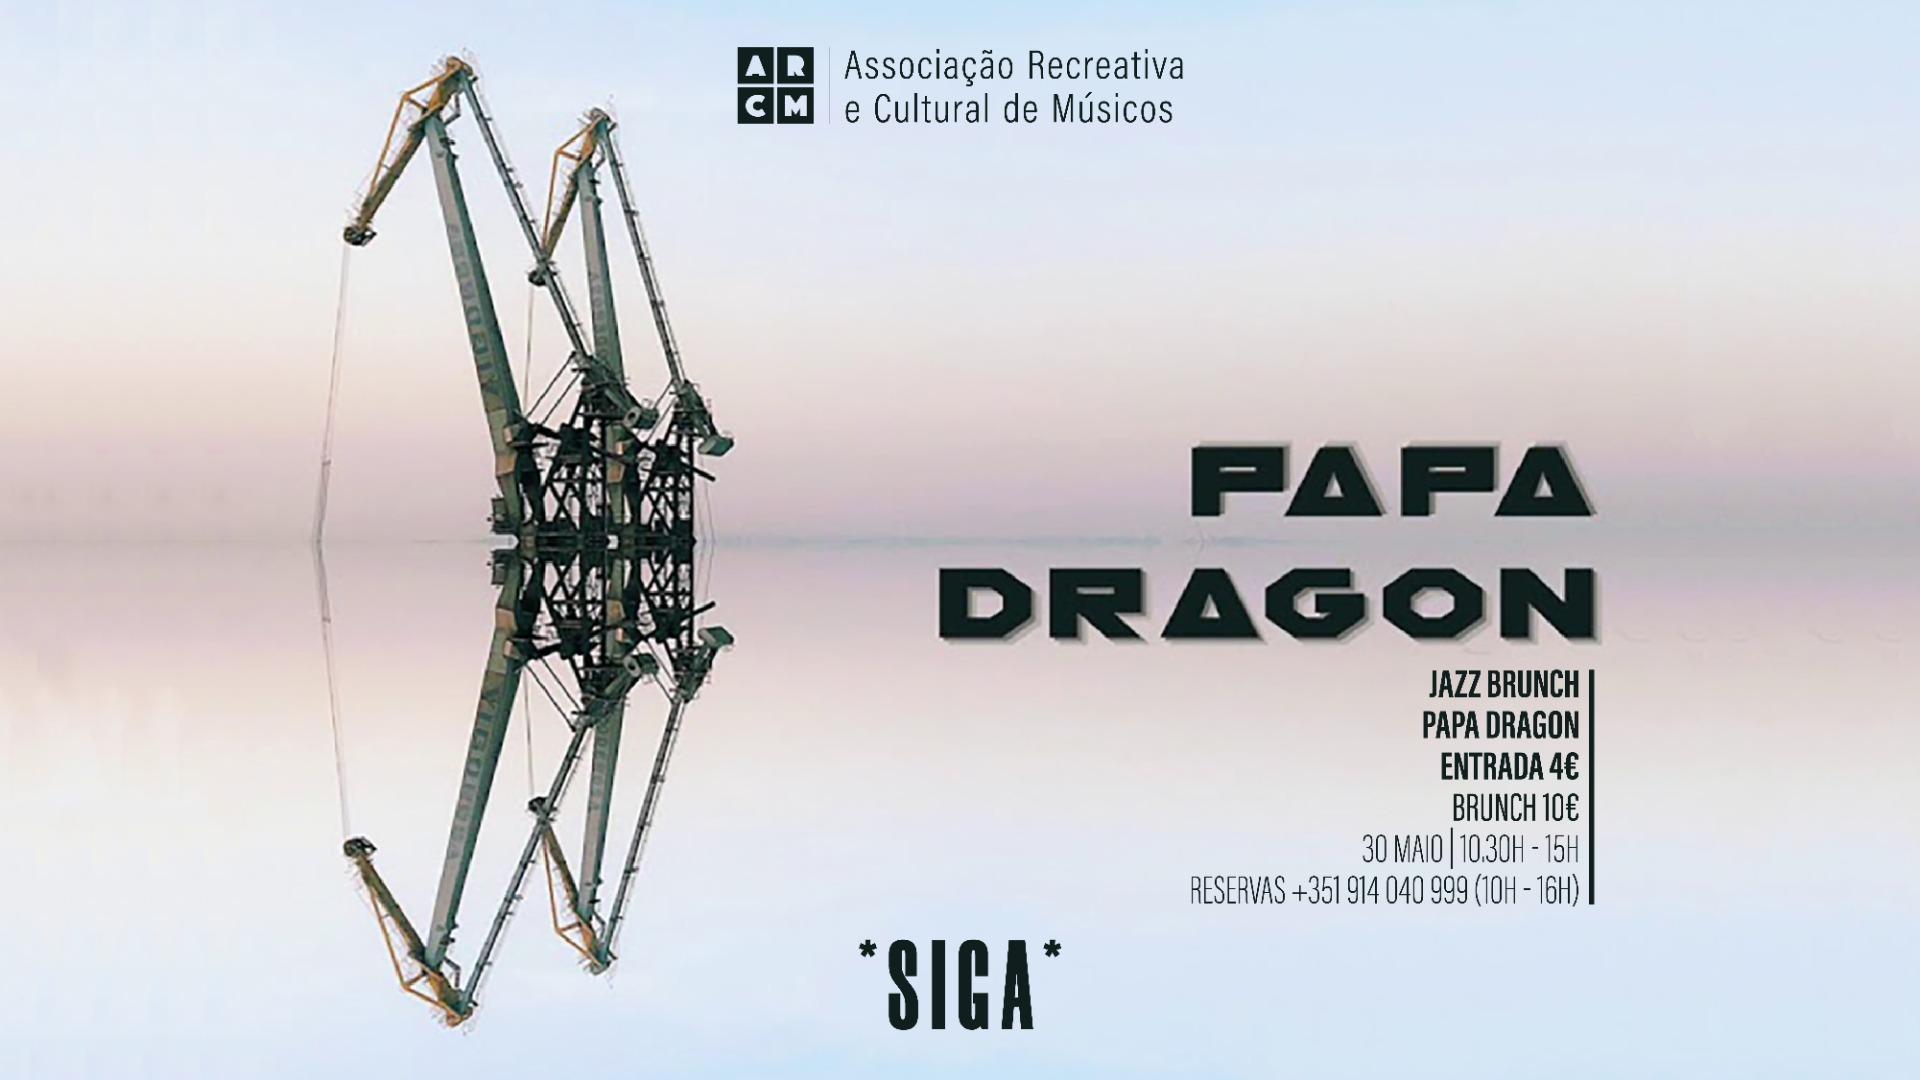 JAZZ BRUNCH - PAPA DRAGON   *SIGA*